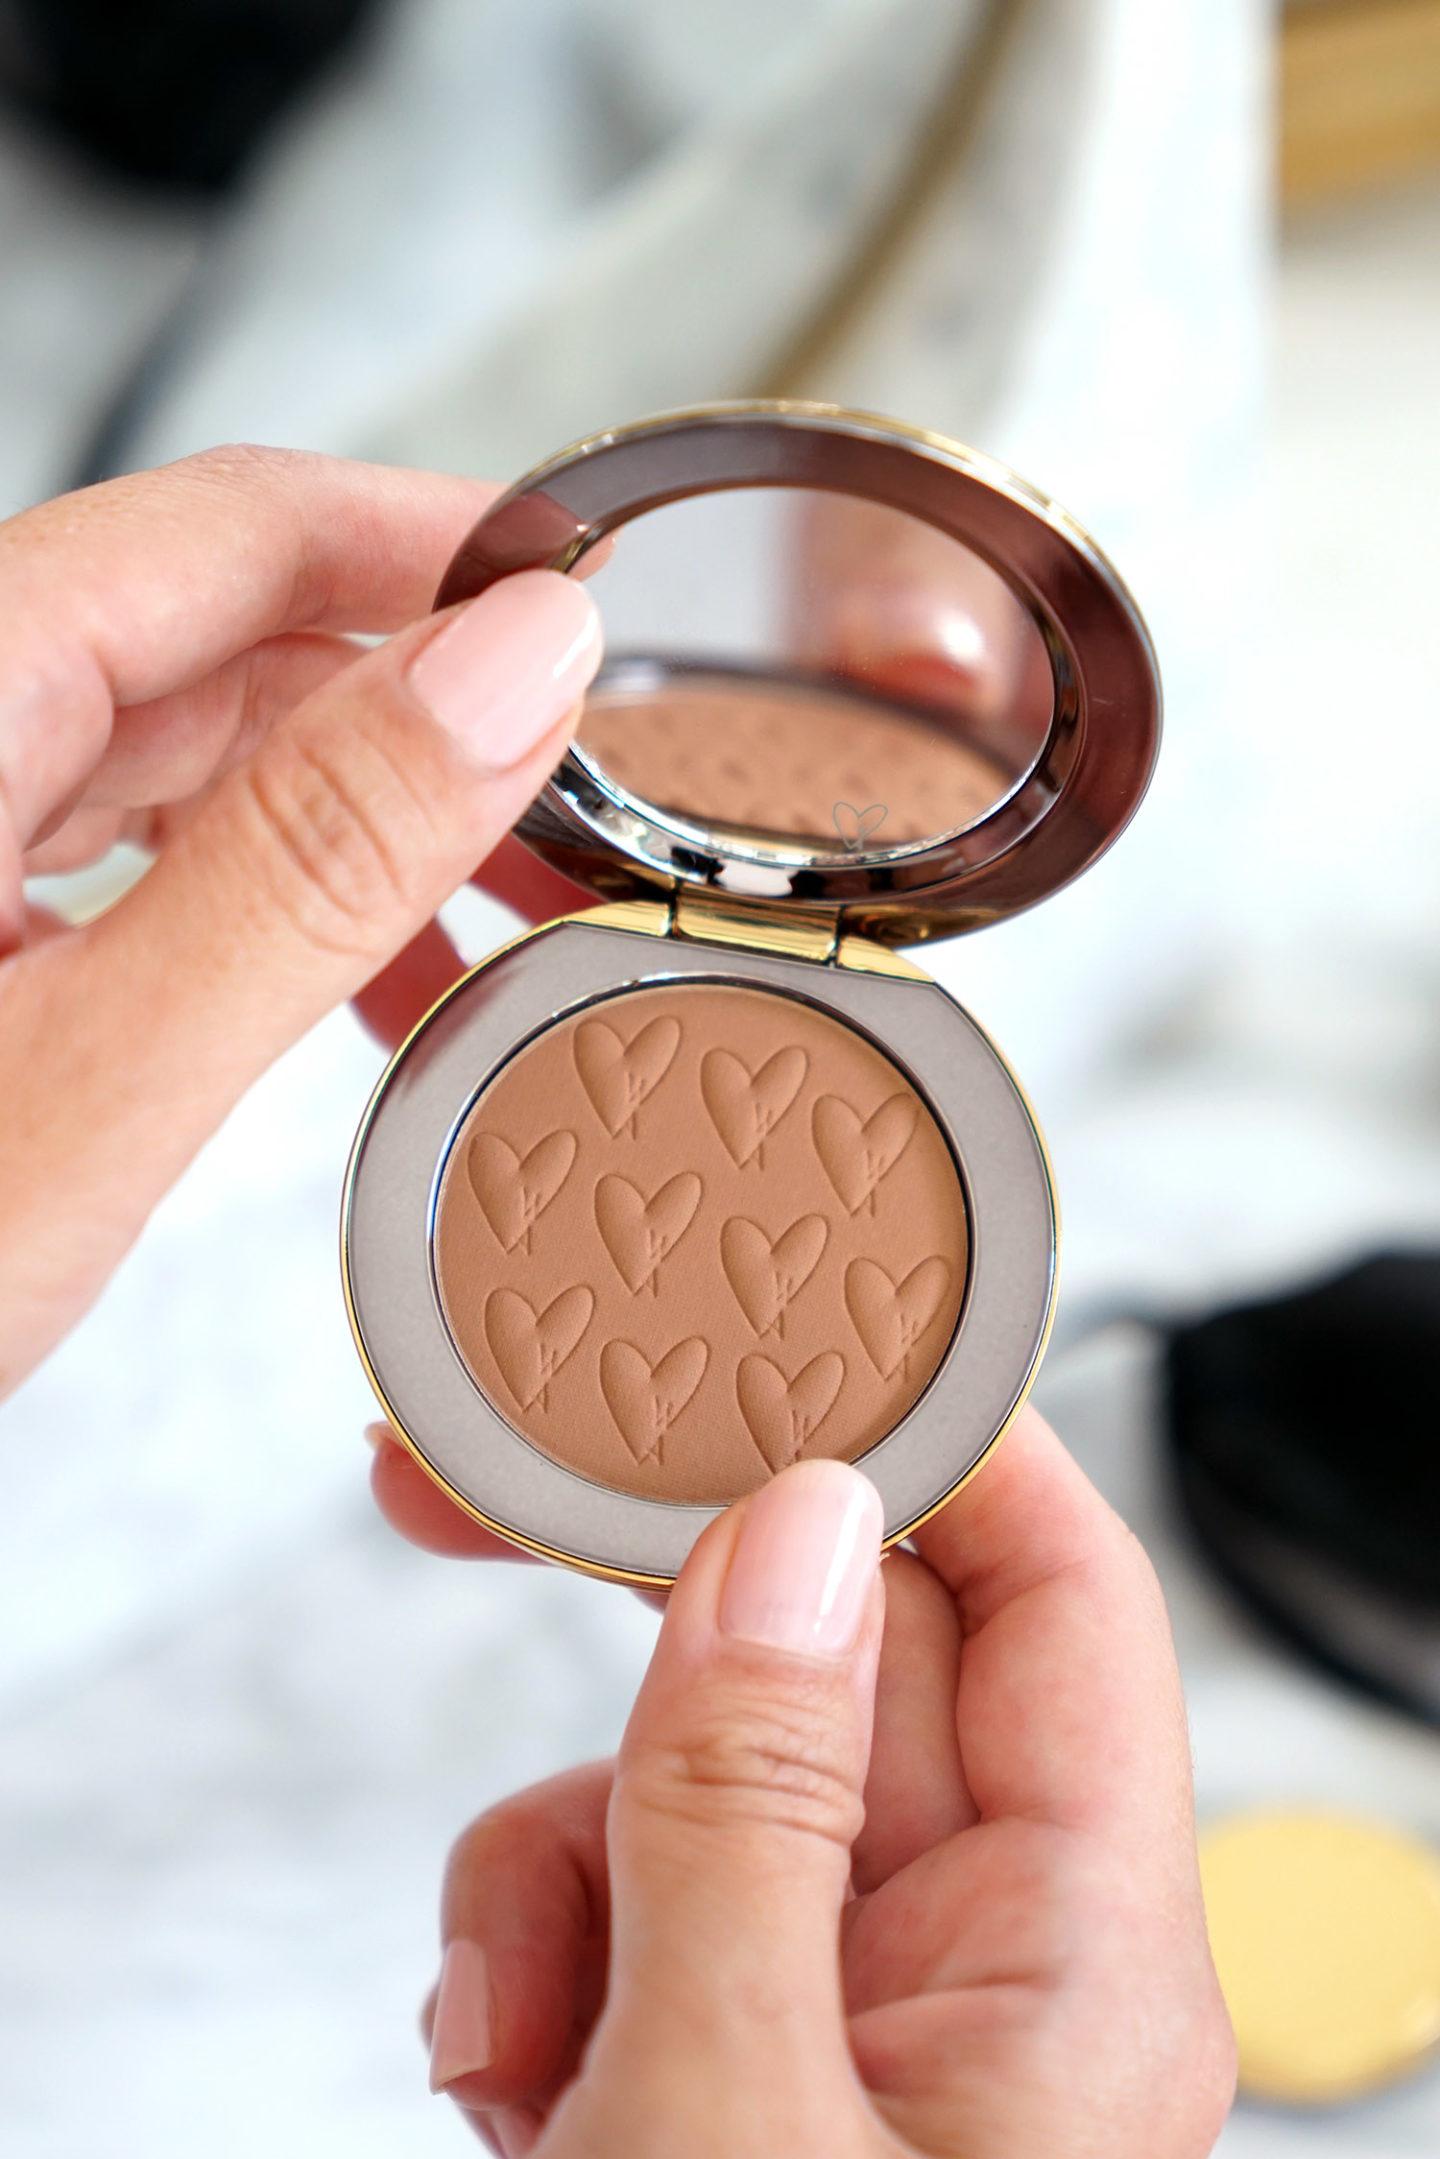 Westman Atelier Beauty Poudre bronzante au beurre Coup de Soleil